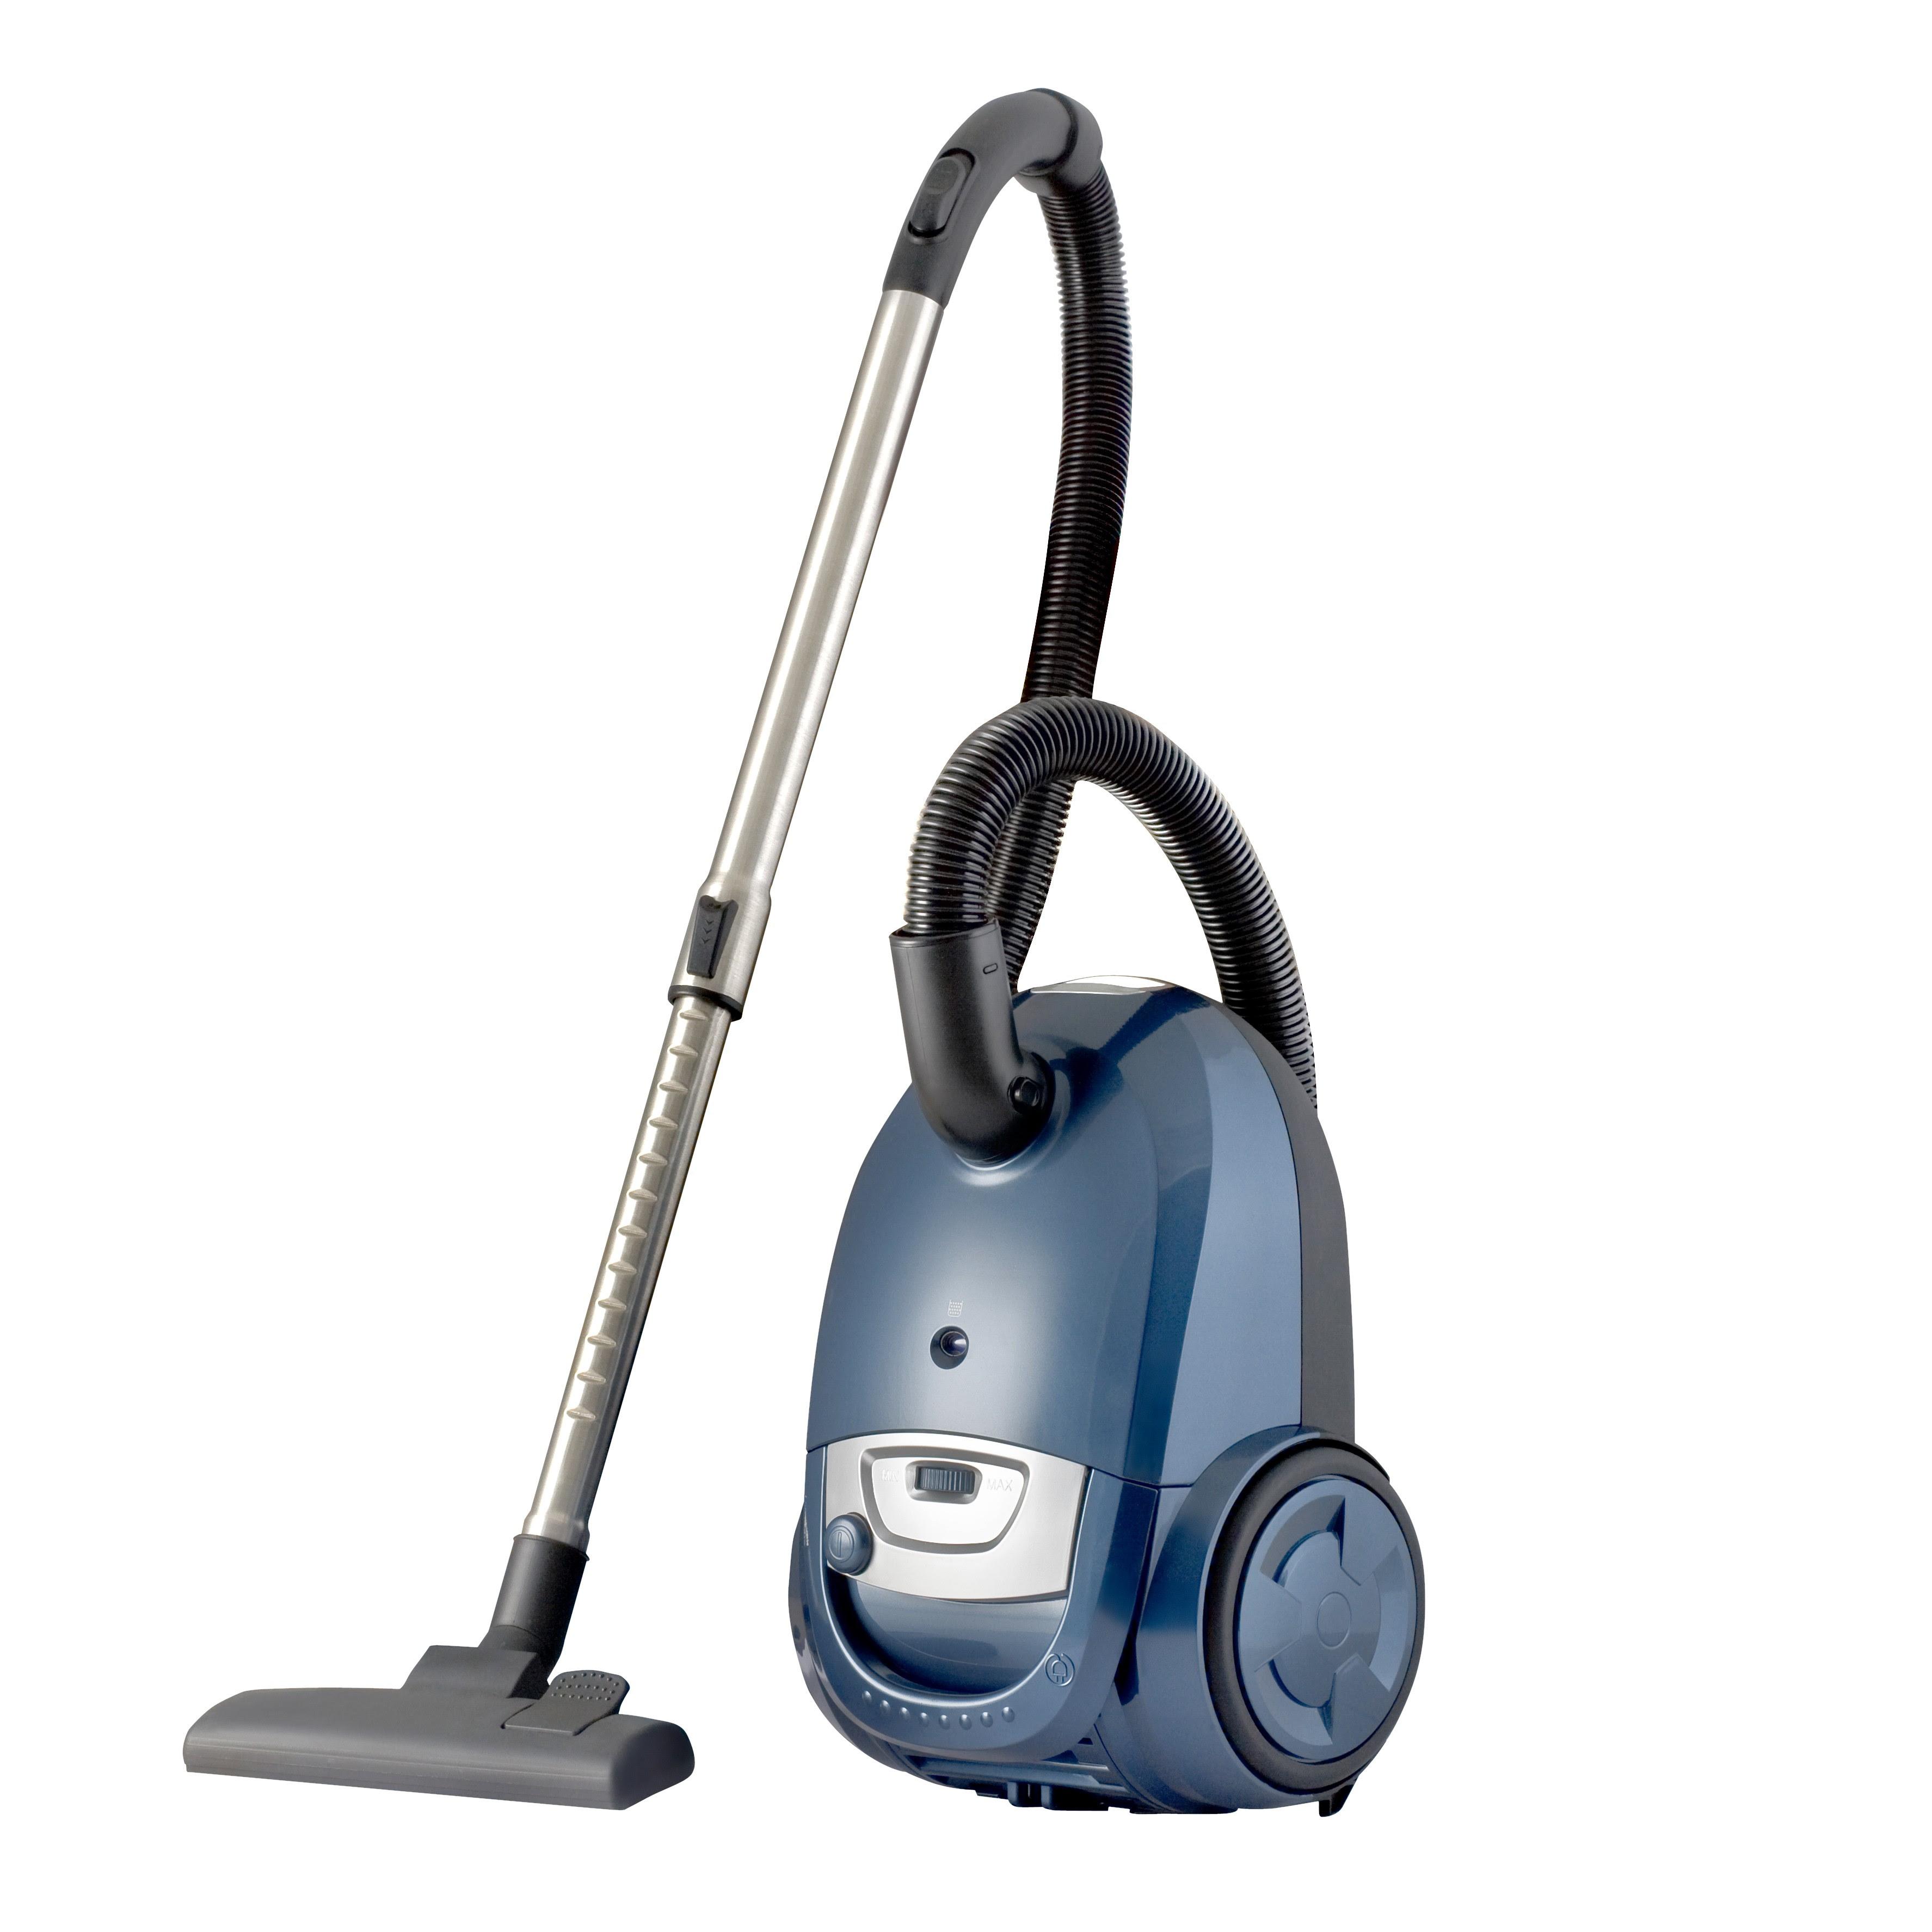 Vacuum Cleaner Edited